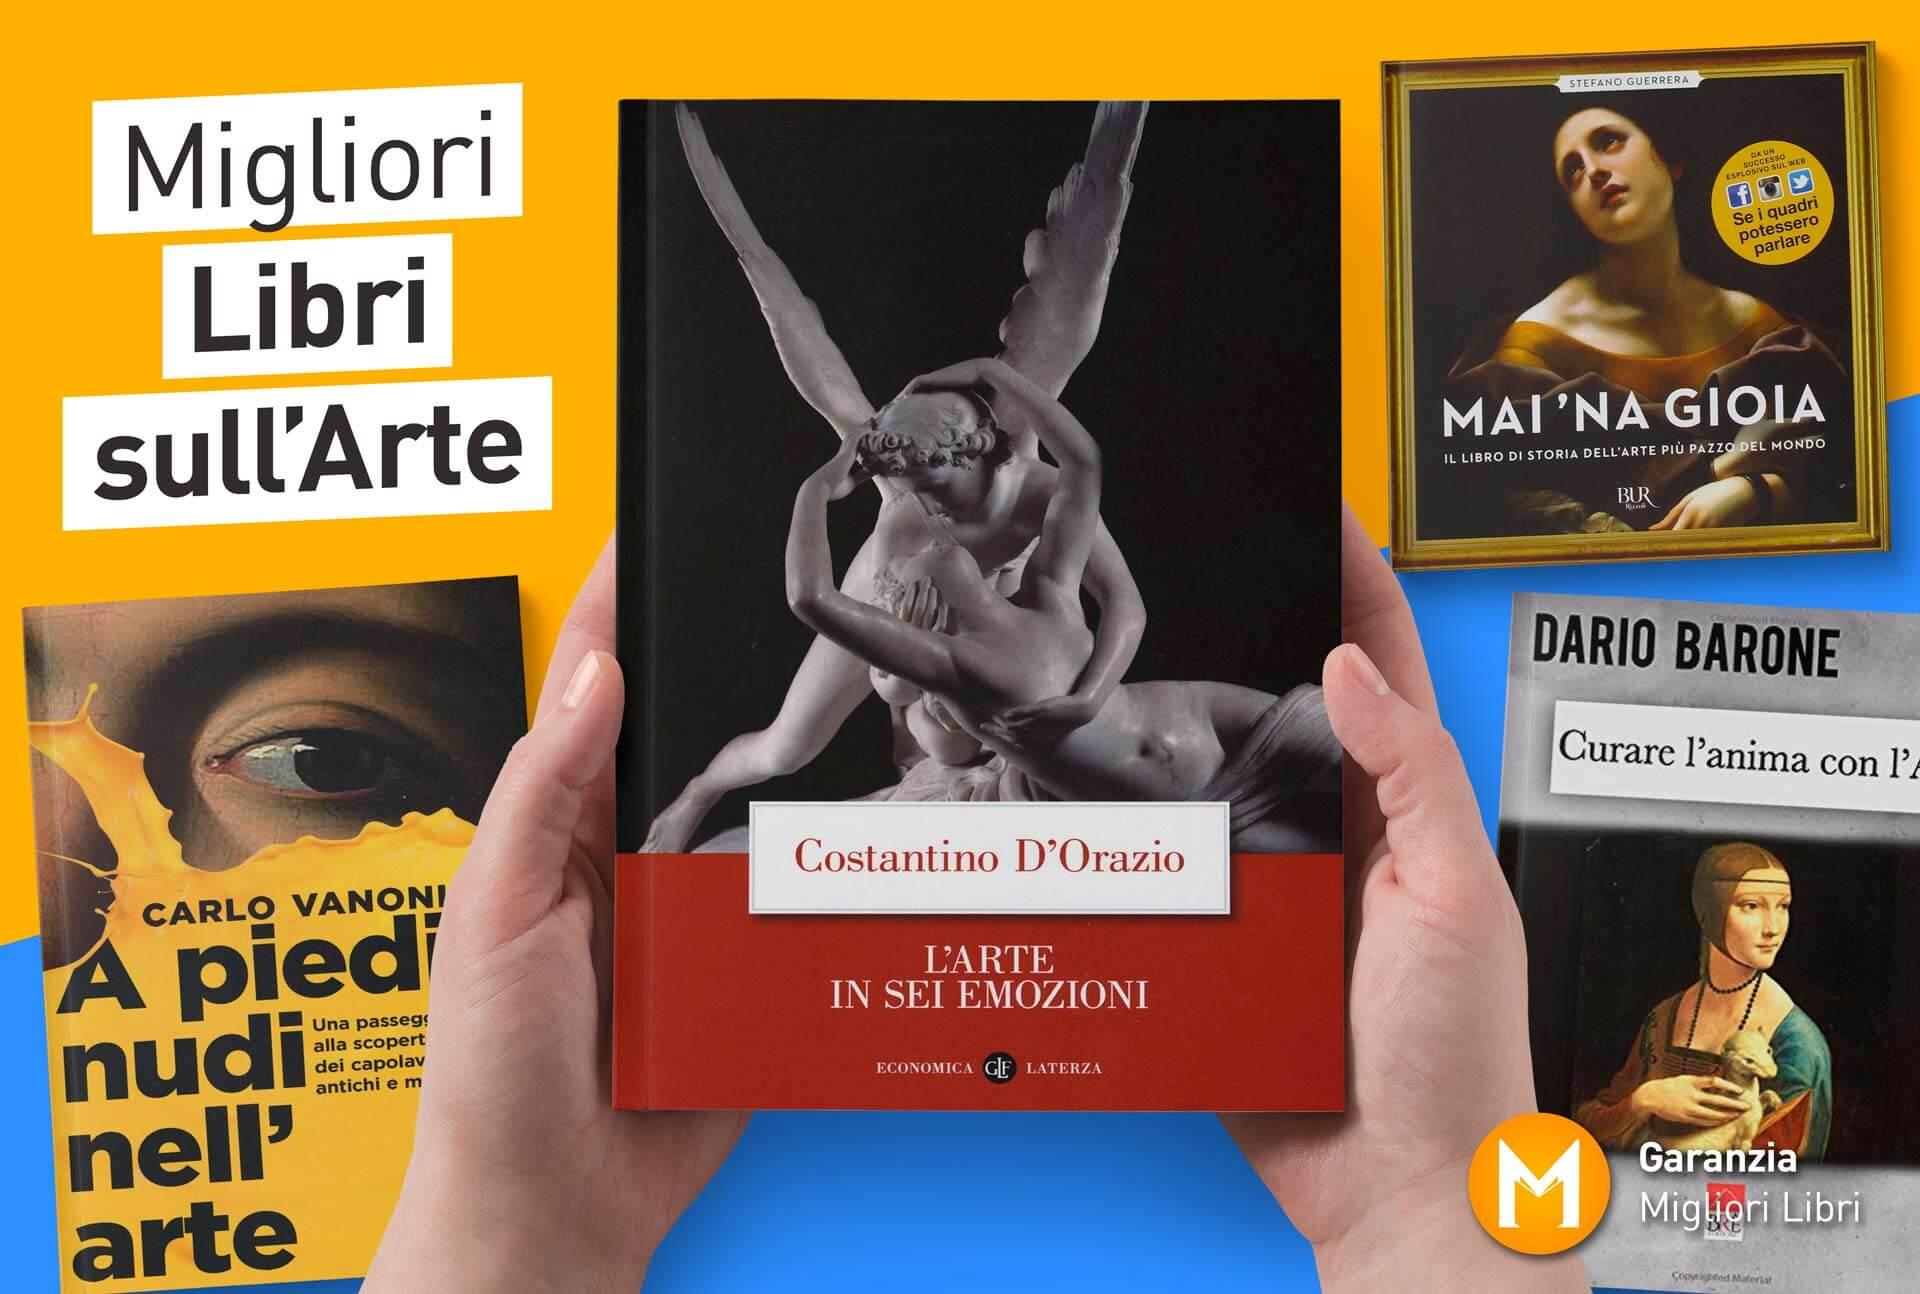 migliori libri sull'arte